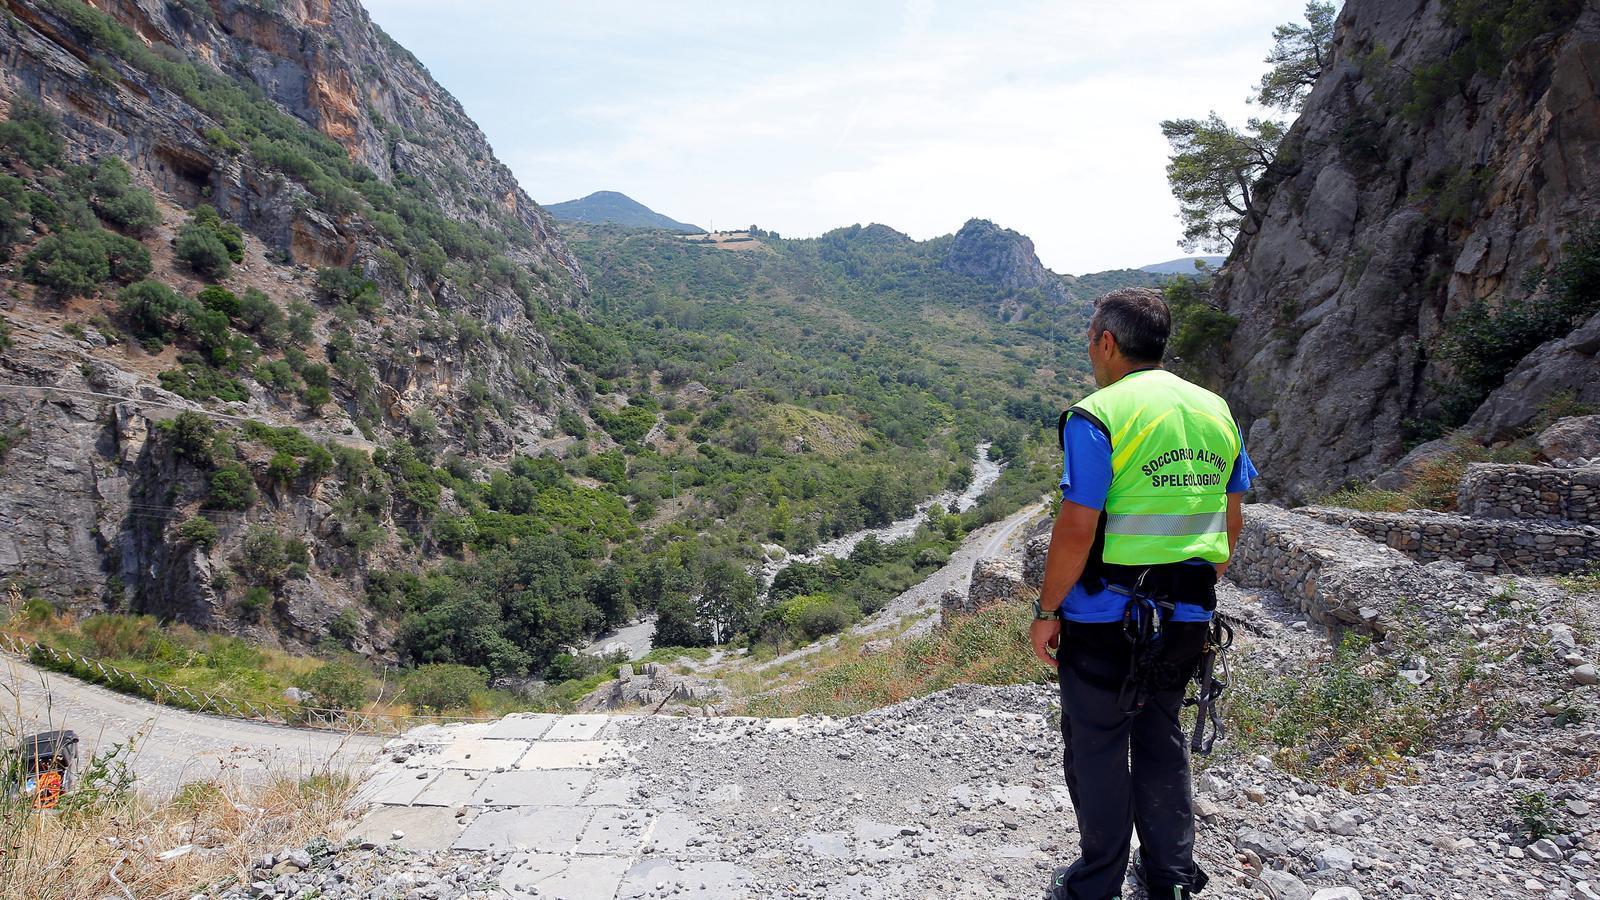 Personal d'emergència a les gorgues de Raganello, al sud d'Itàlia.